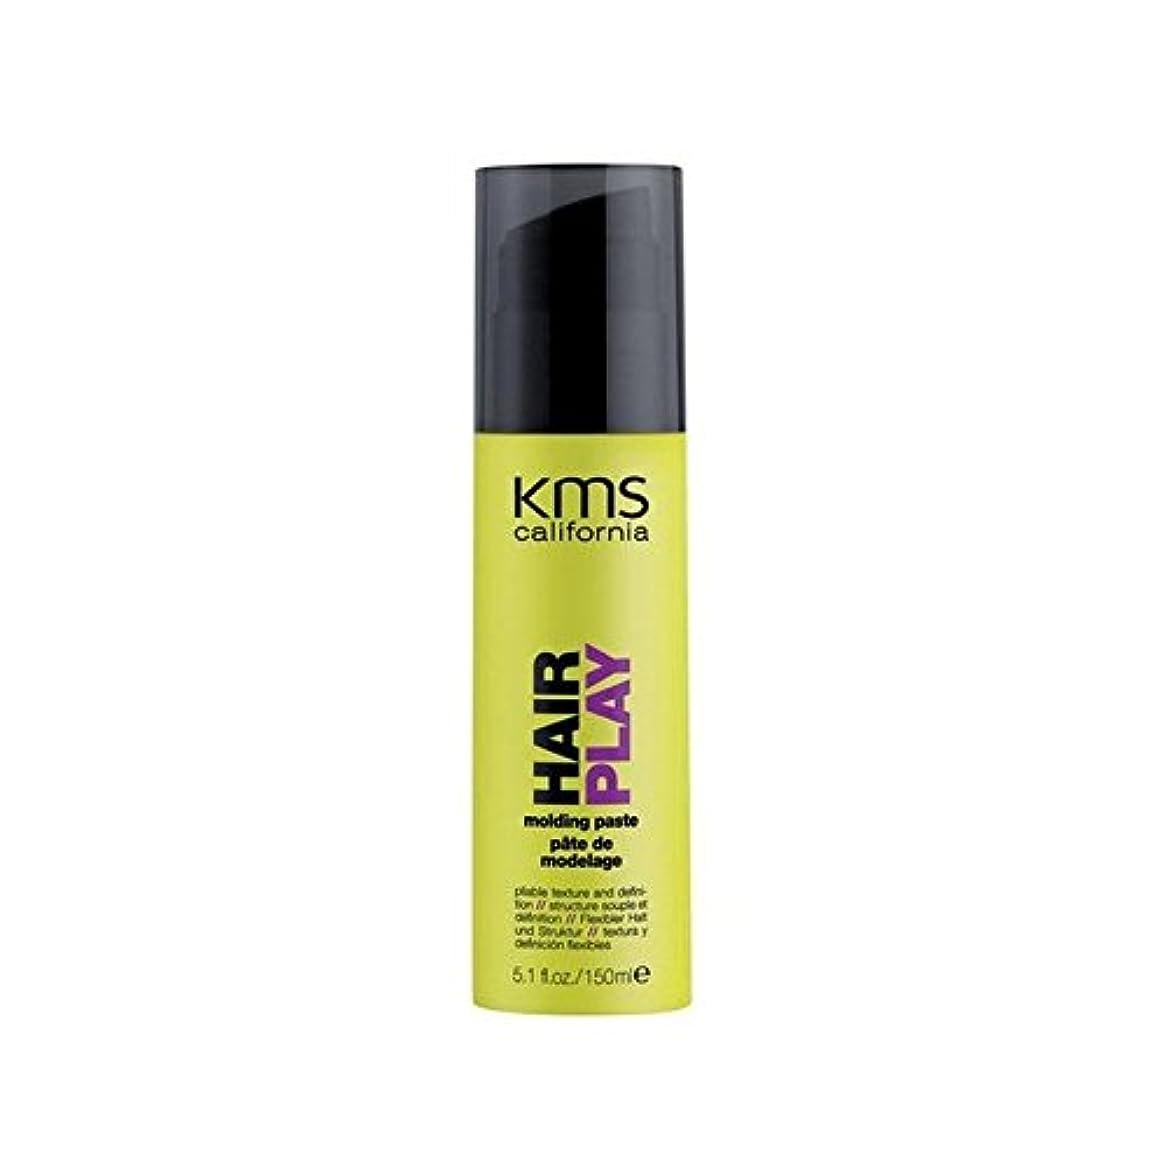 ぞっとするような岸モデレータカリフォルニア成形ペースト(150ミリリットル) x2 - Kms California Hairplay Molding Paste (150ml) (Pack of 2) [並行輸入品]